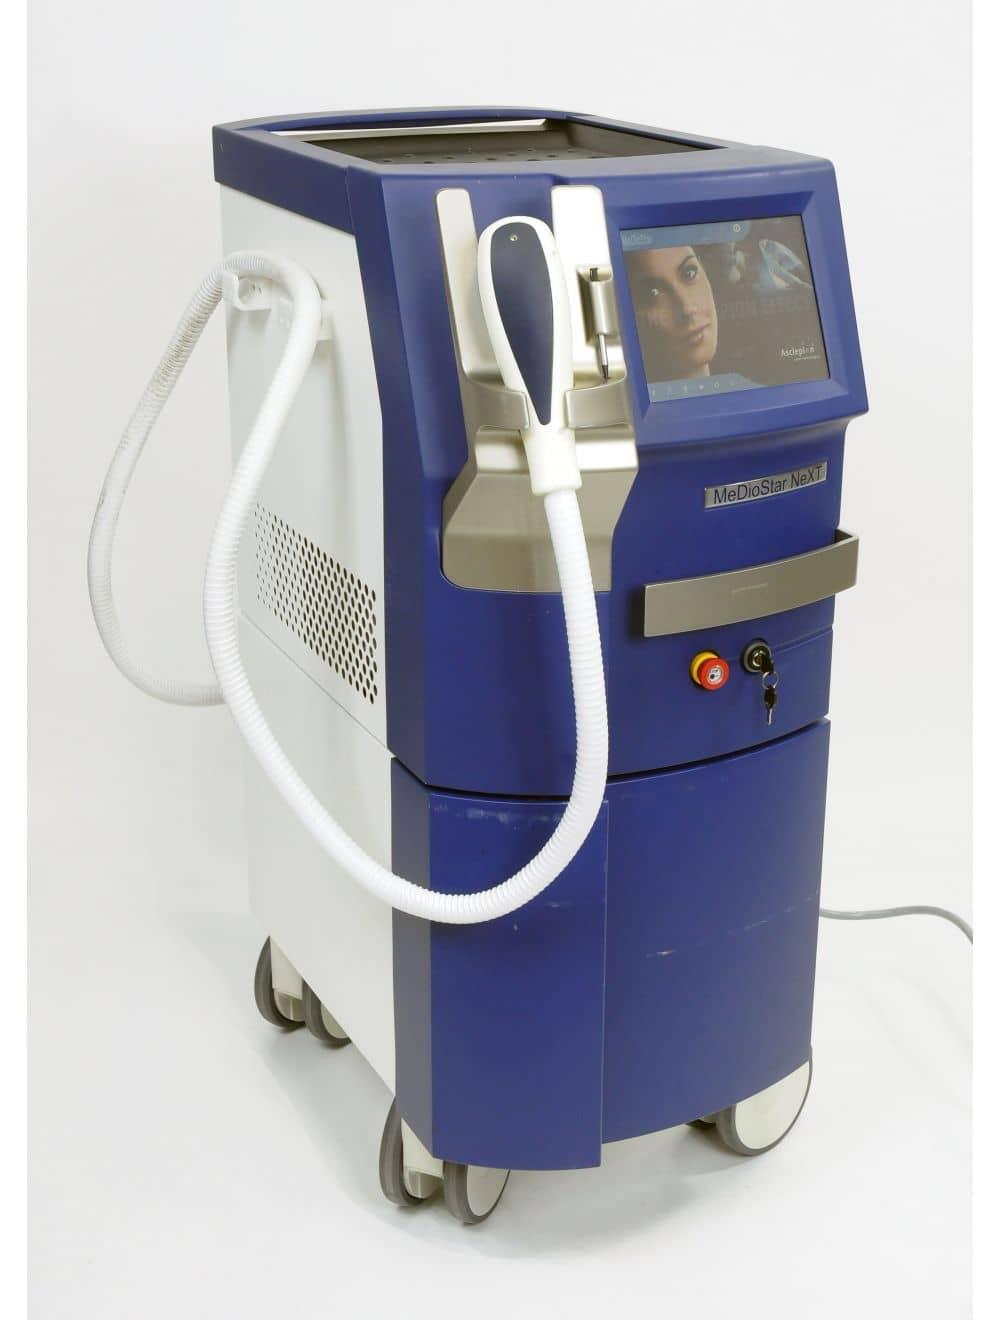 Laser - Laser diode